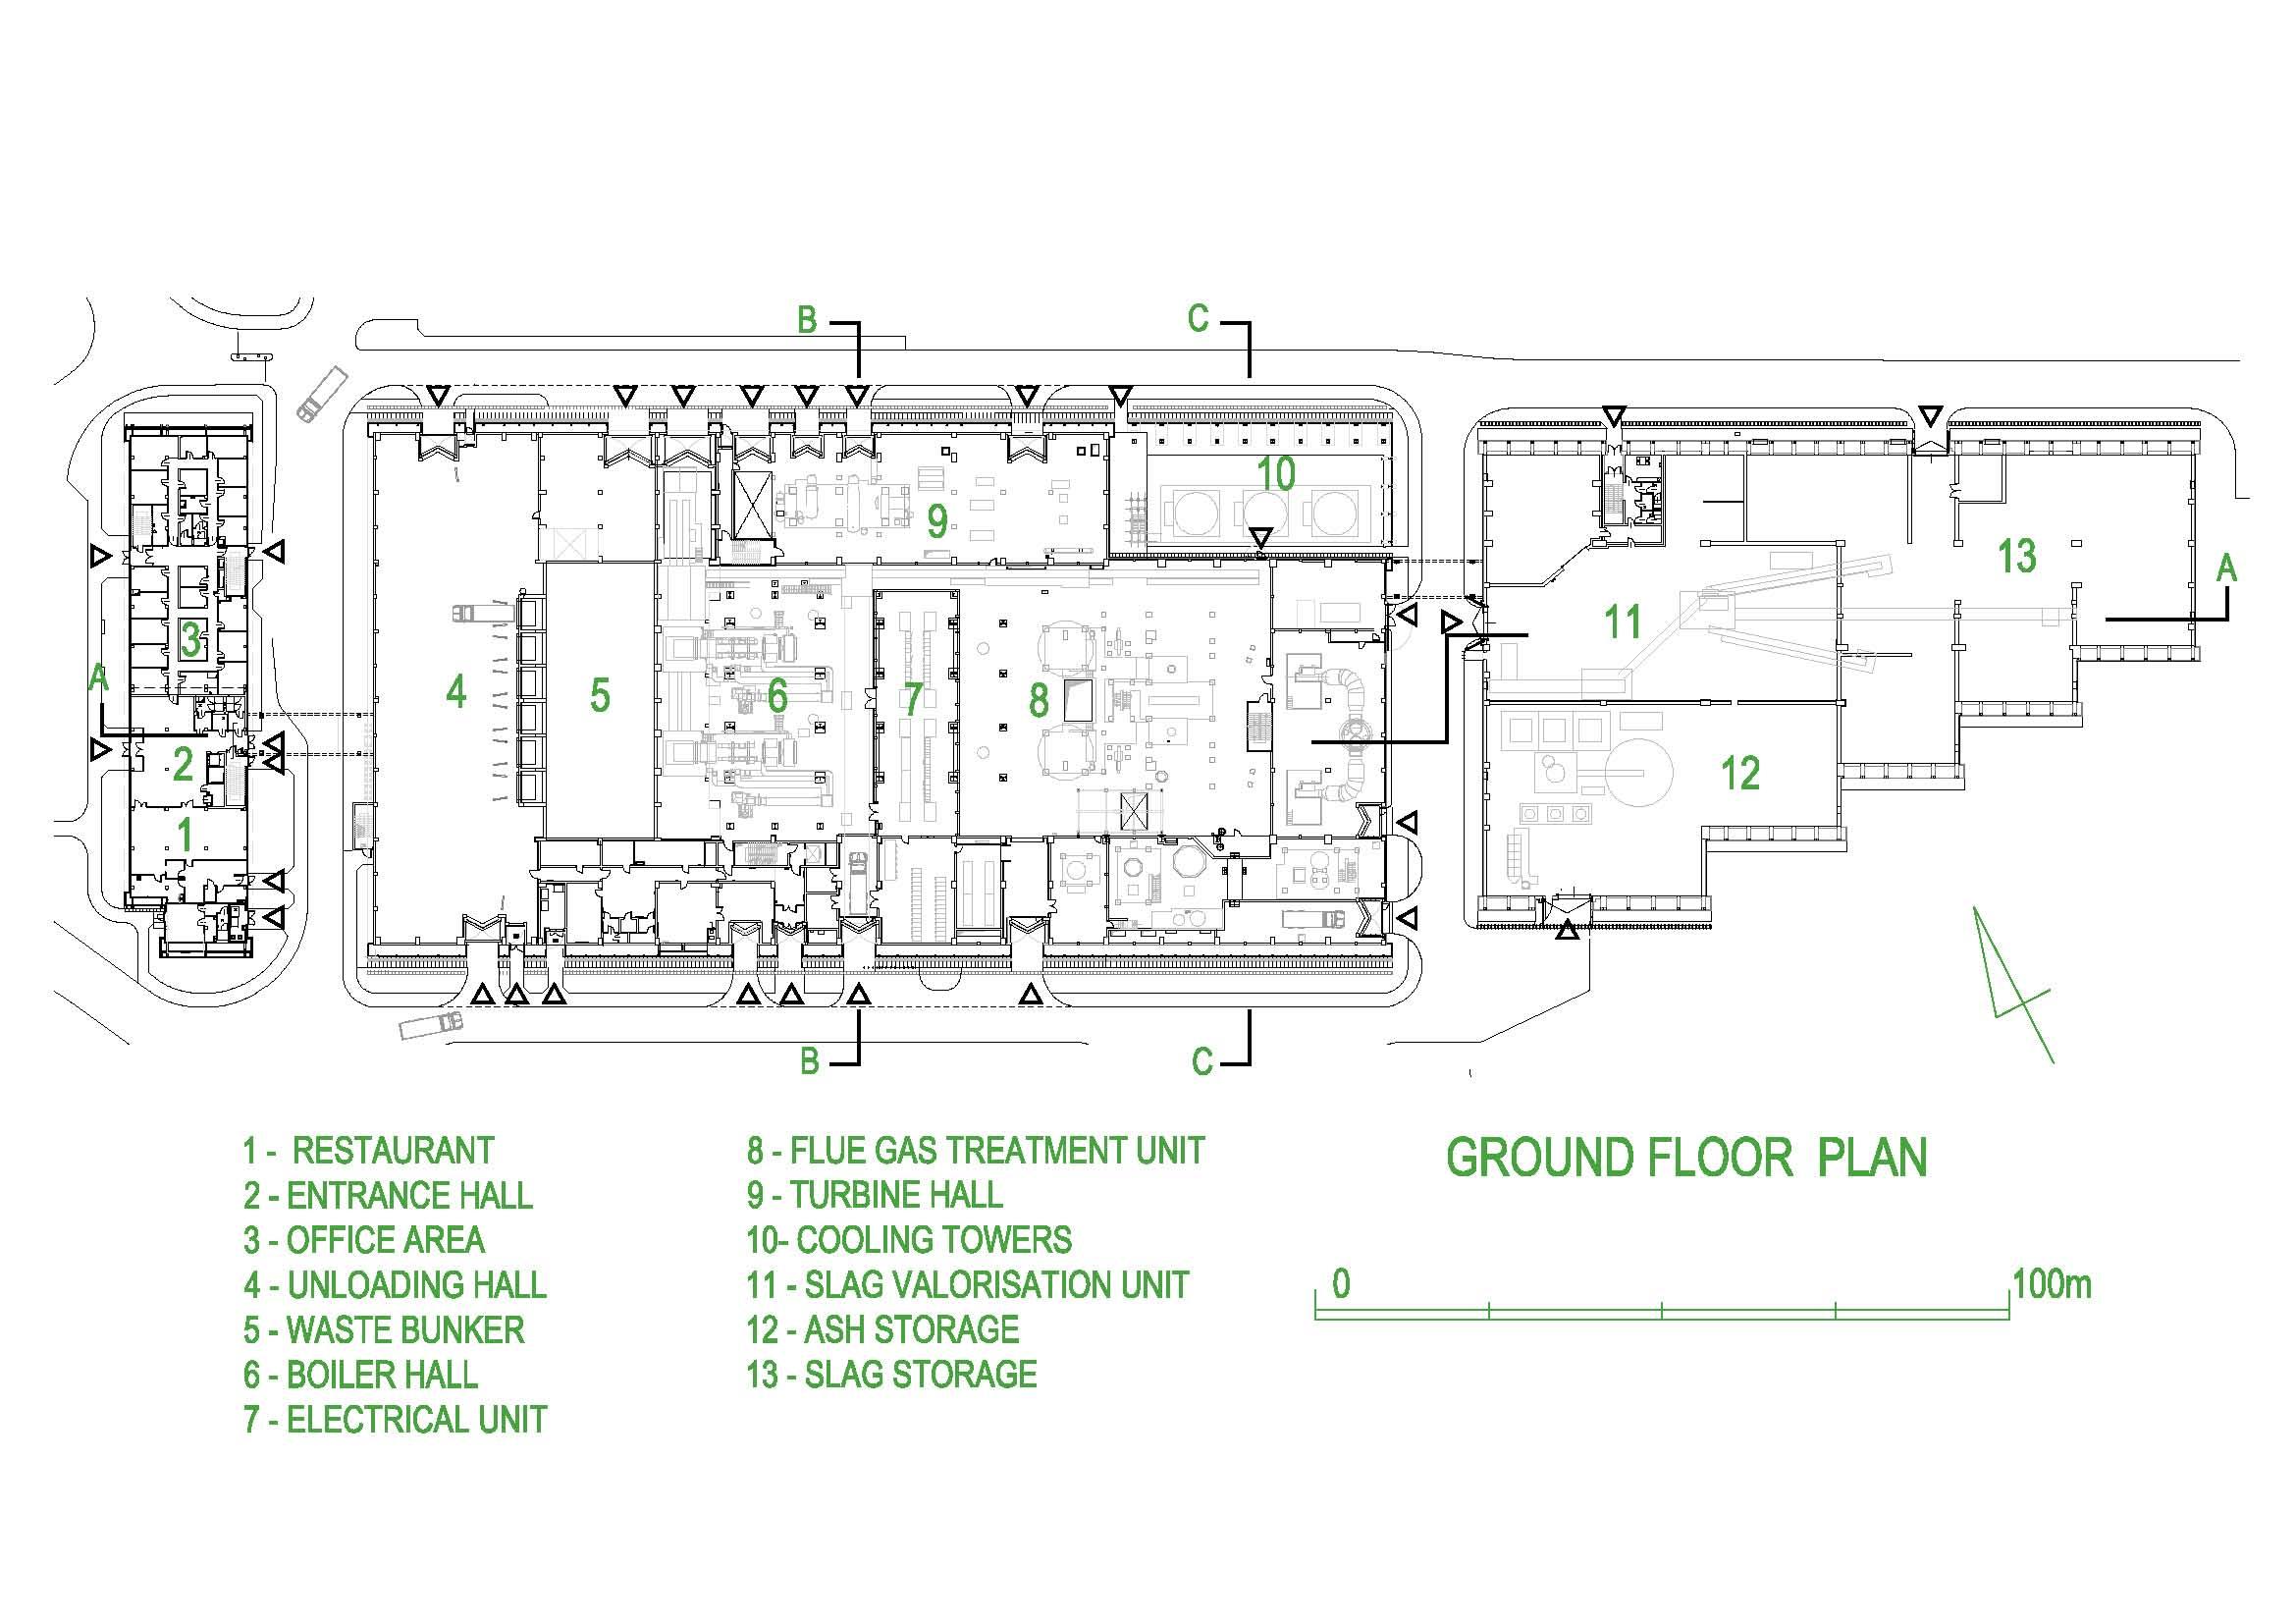 Home Incinerator Diagram Danbury Clock Pump For Septic Tank Diagram